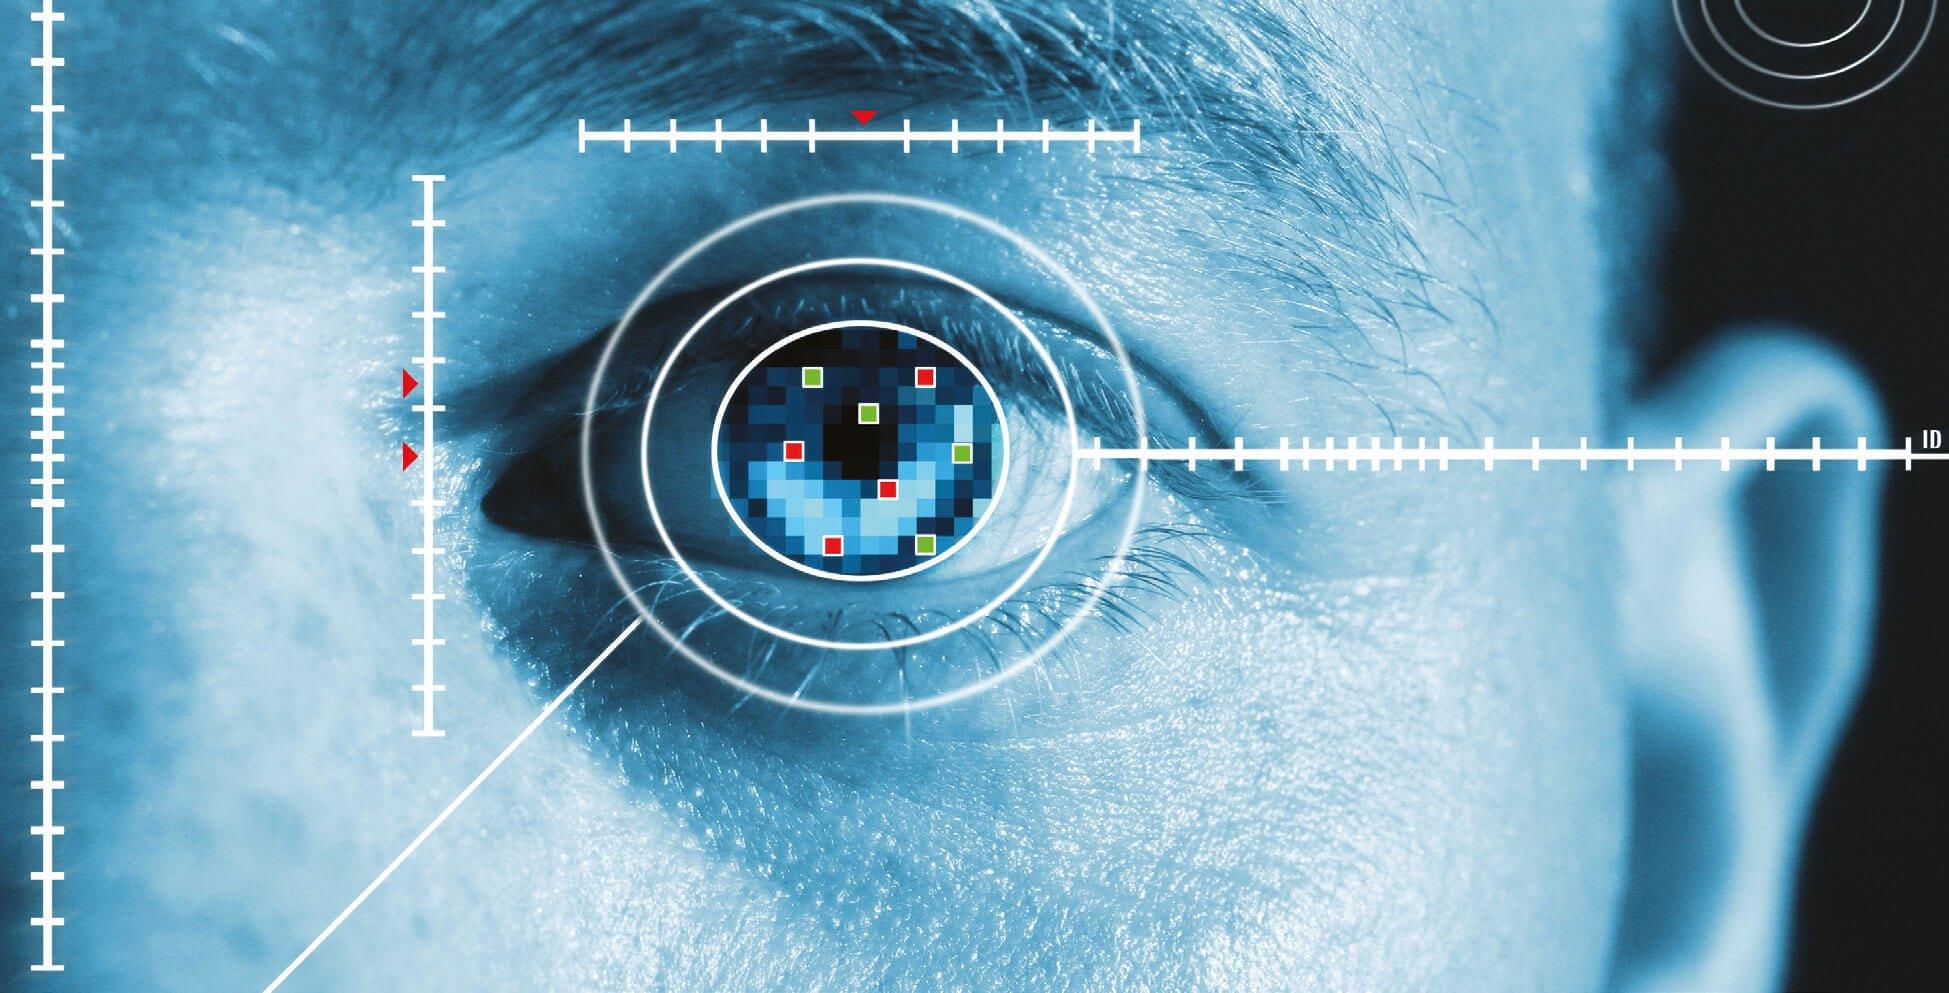 İris Tanıma Sistemi iris tanıma sistemi Göz Tarama Teknolojisi Nasıl Çalışır? iris tanima sistemi